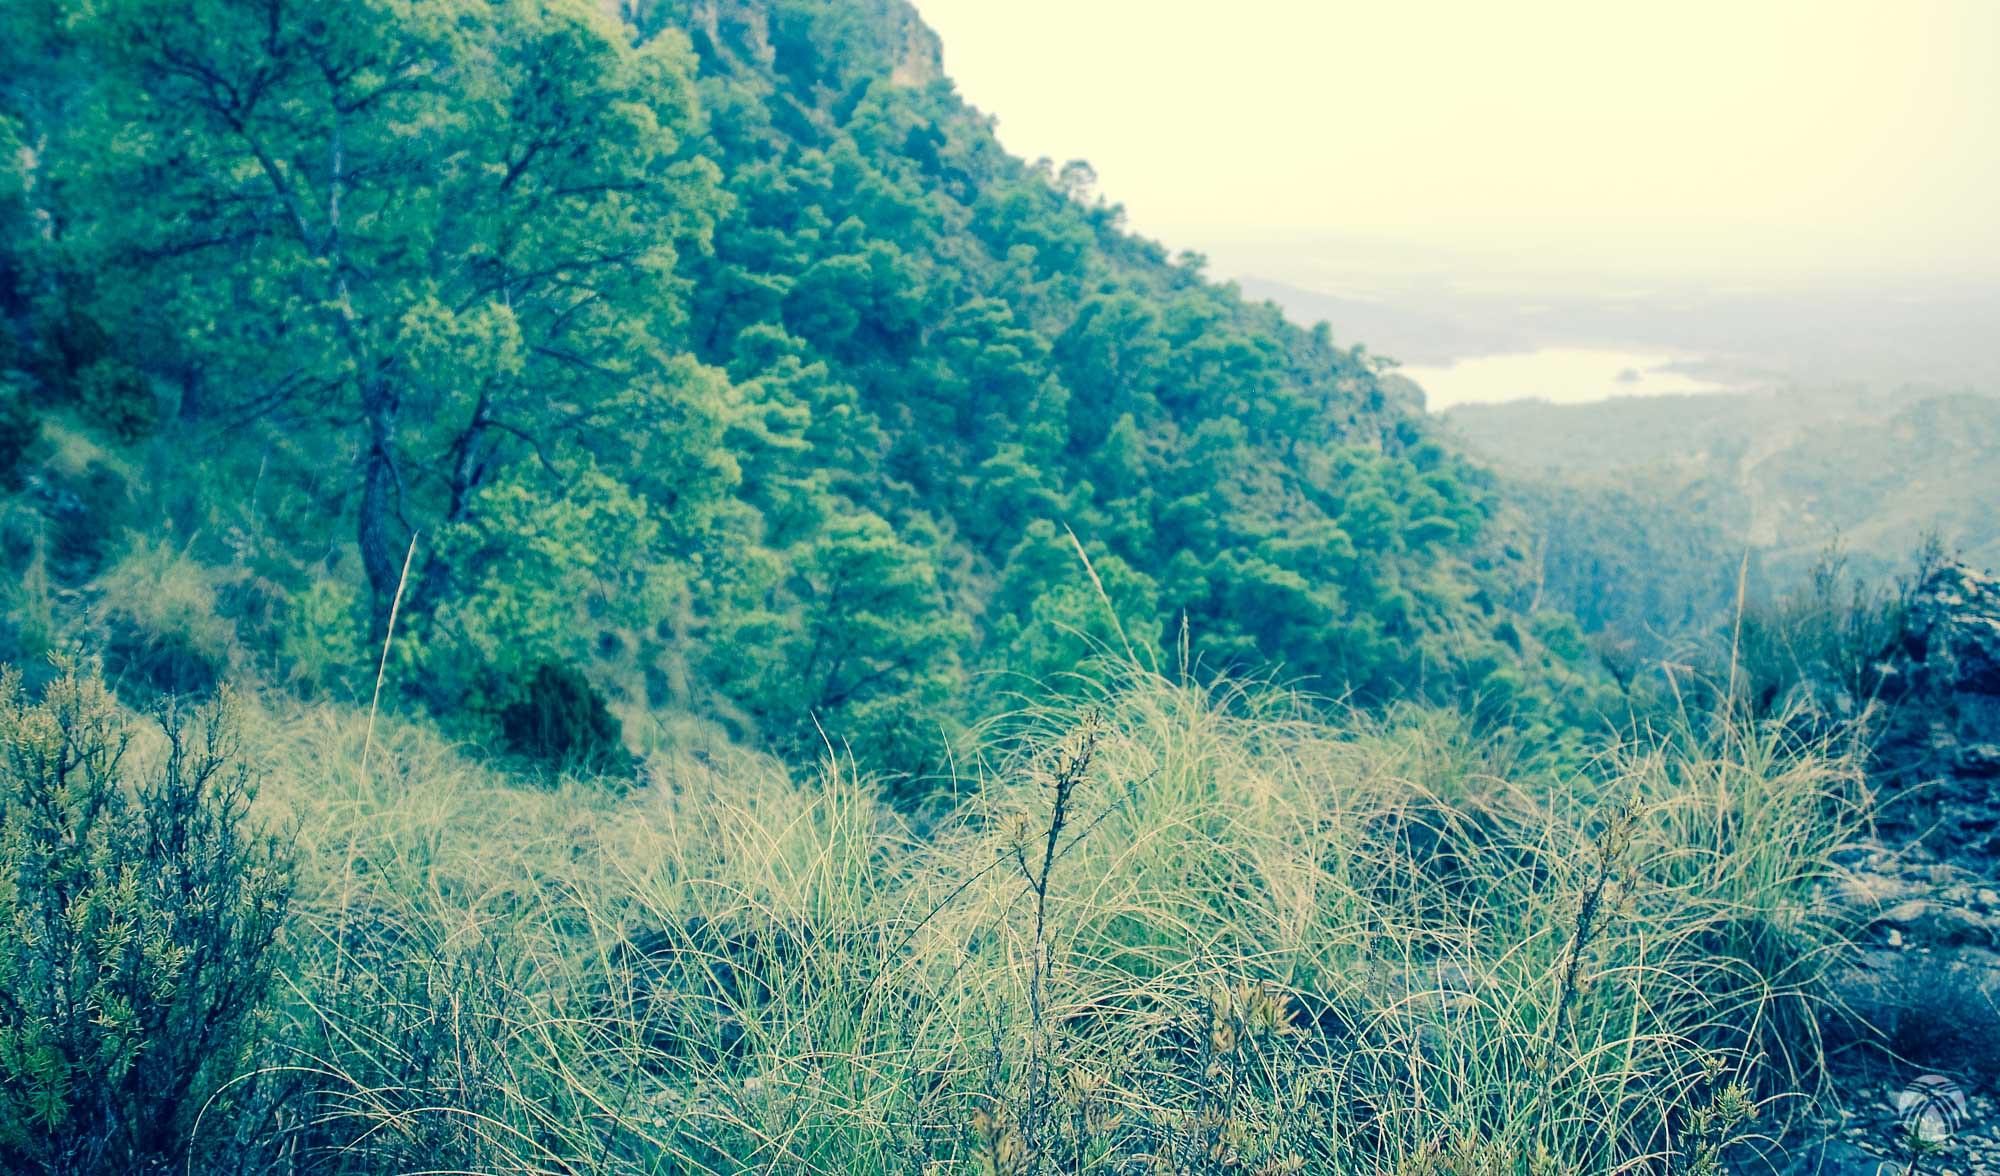 El tiempo vuelve a cerrarse justo cuando ganamos vistas al embalse del río Quípar